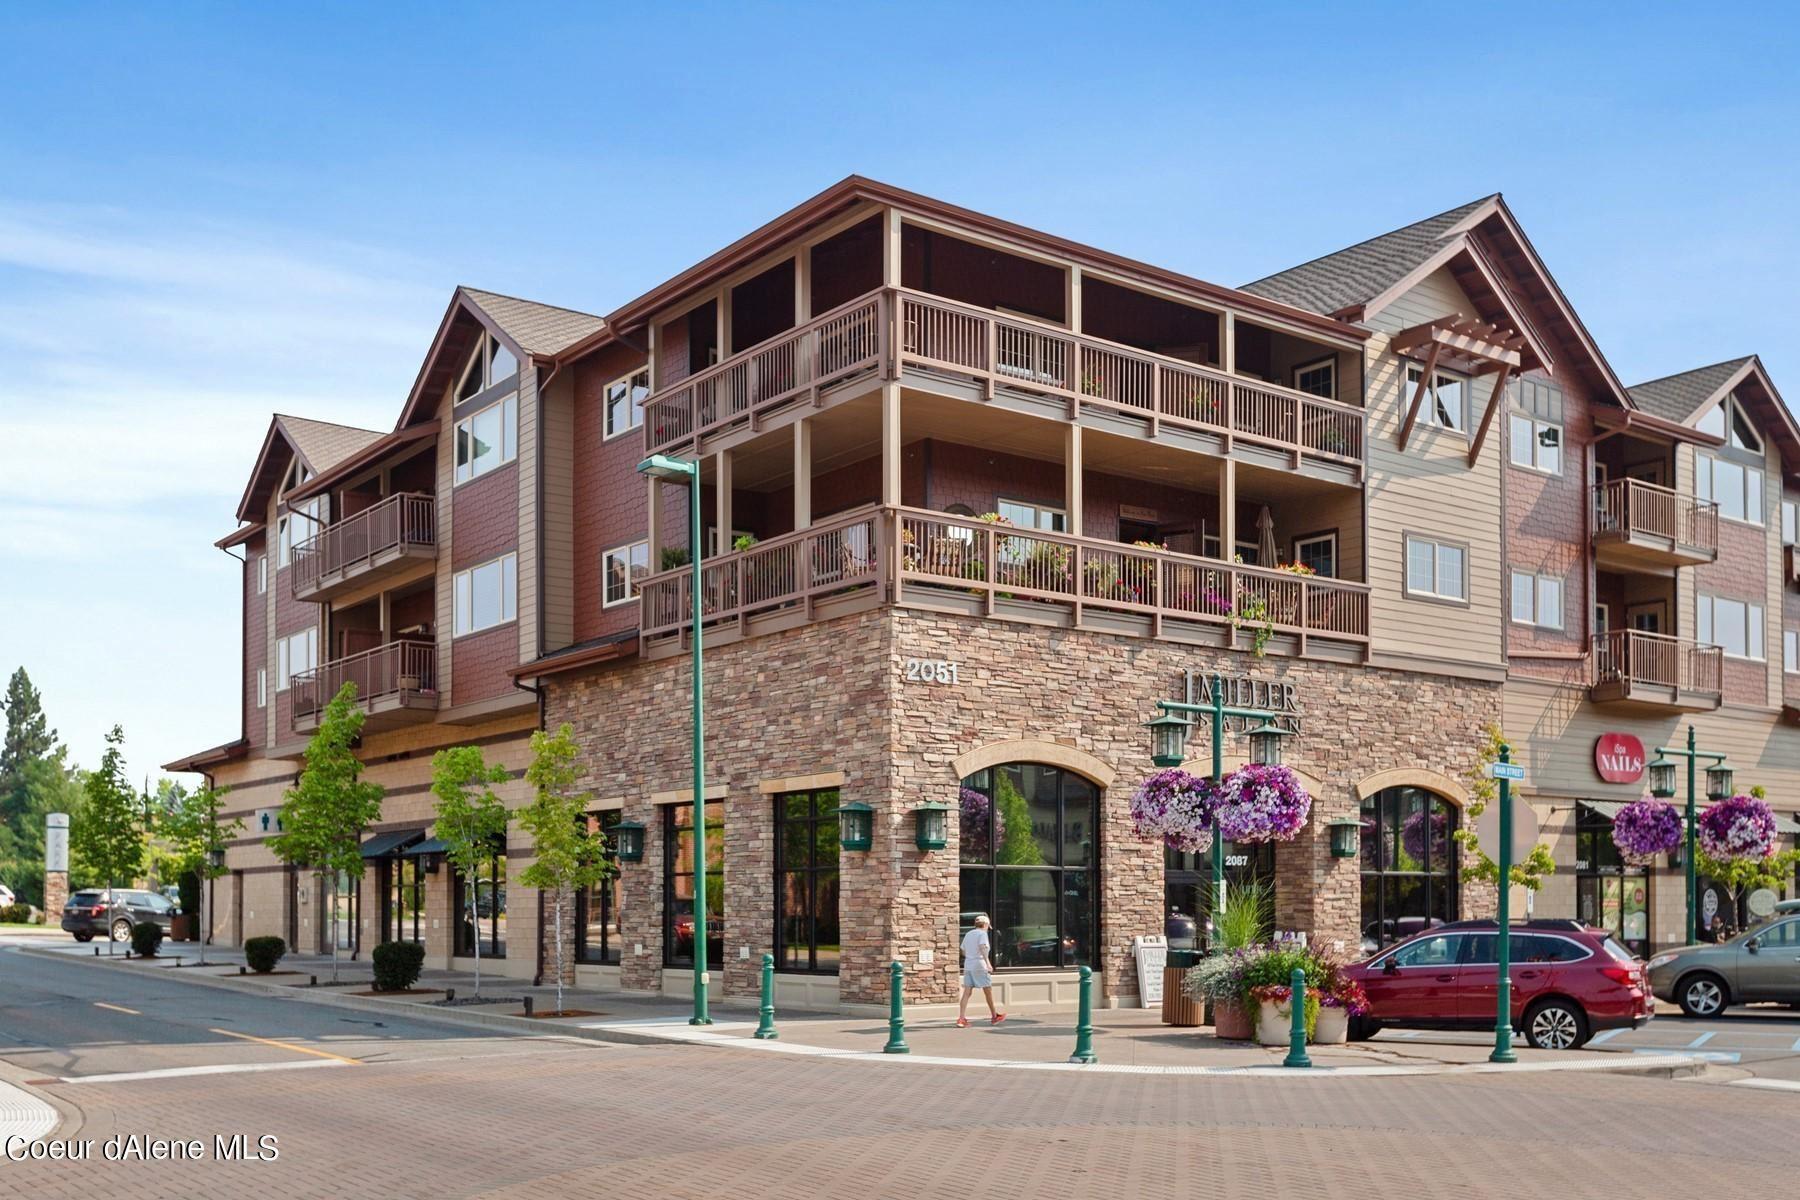 Photo of 2151 N Main St #303, Coeur dAlene, ID 83814 (MLS # 21-4334)